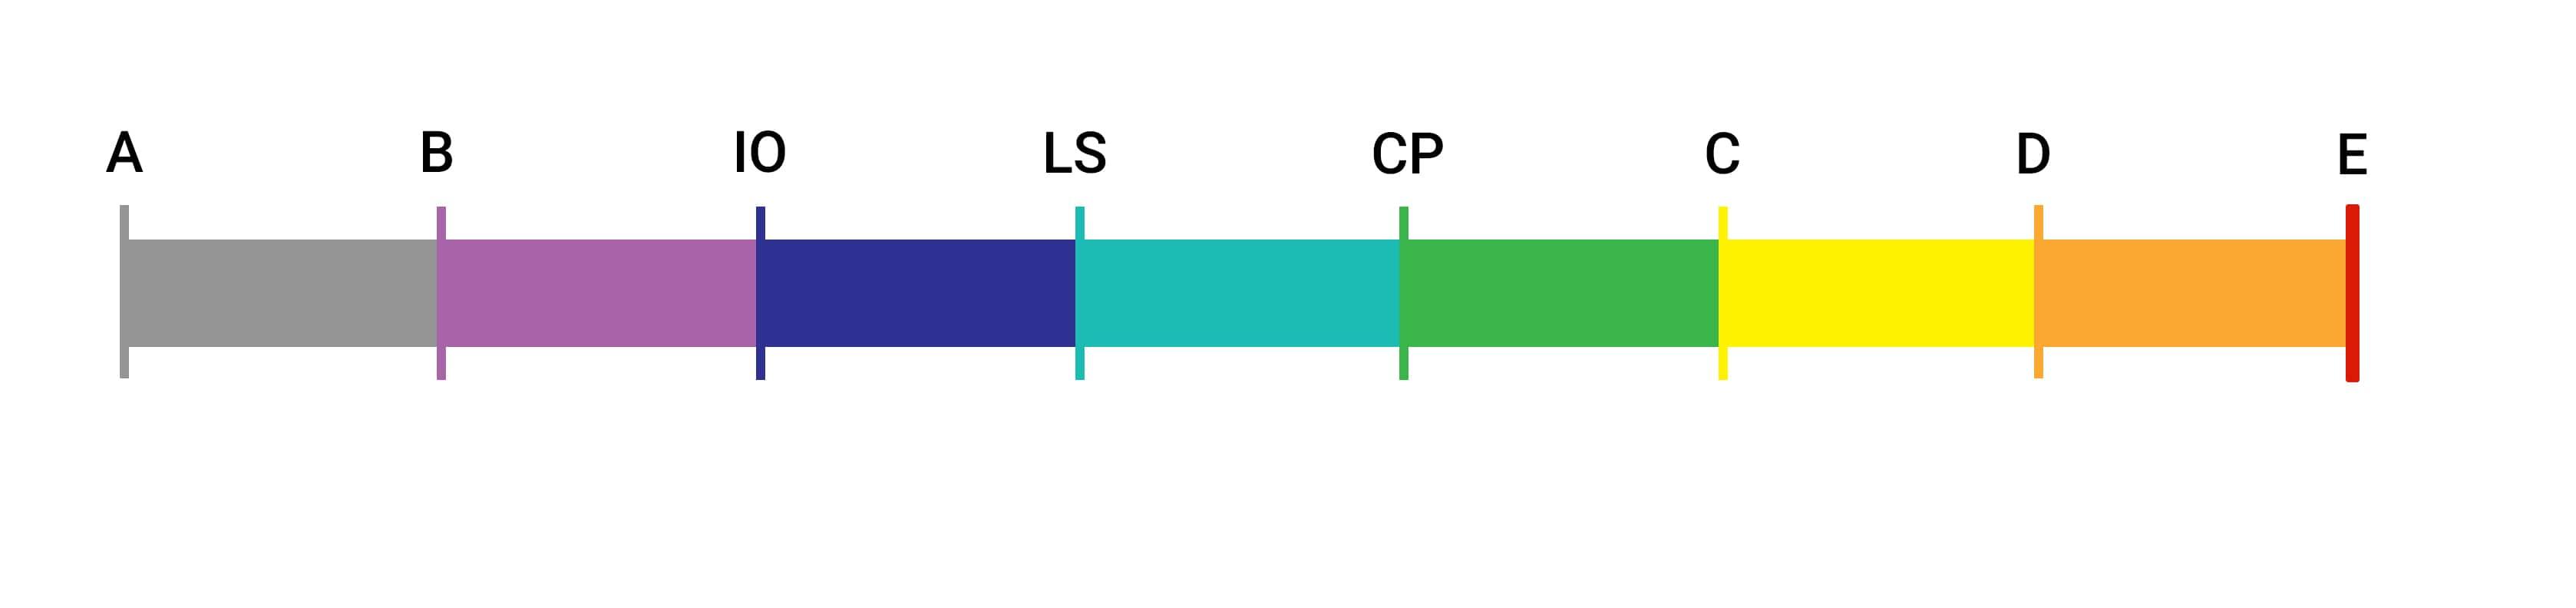 معیارهای پذیرش و سطوح عملکرد مفاصل پلاستیک در Sap و Etabs